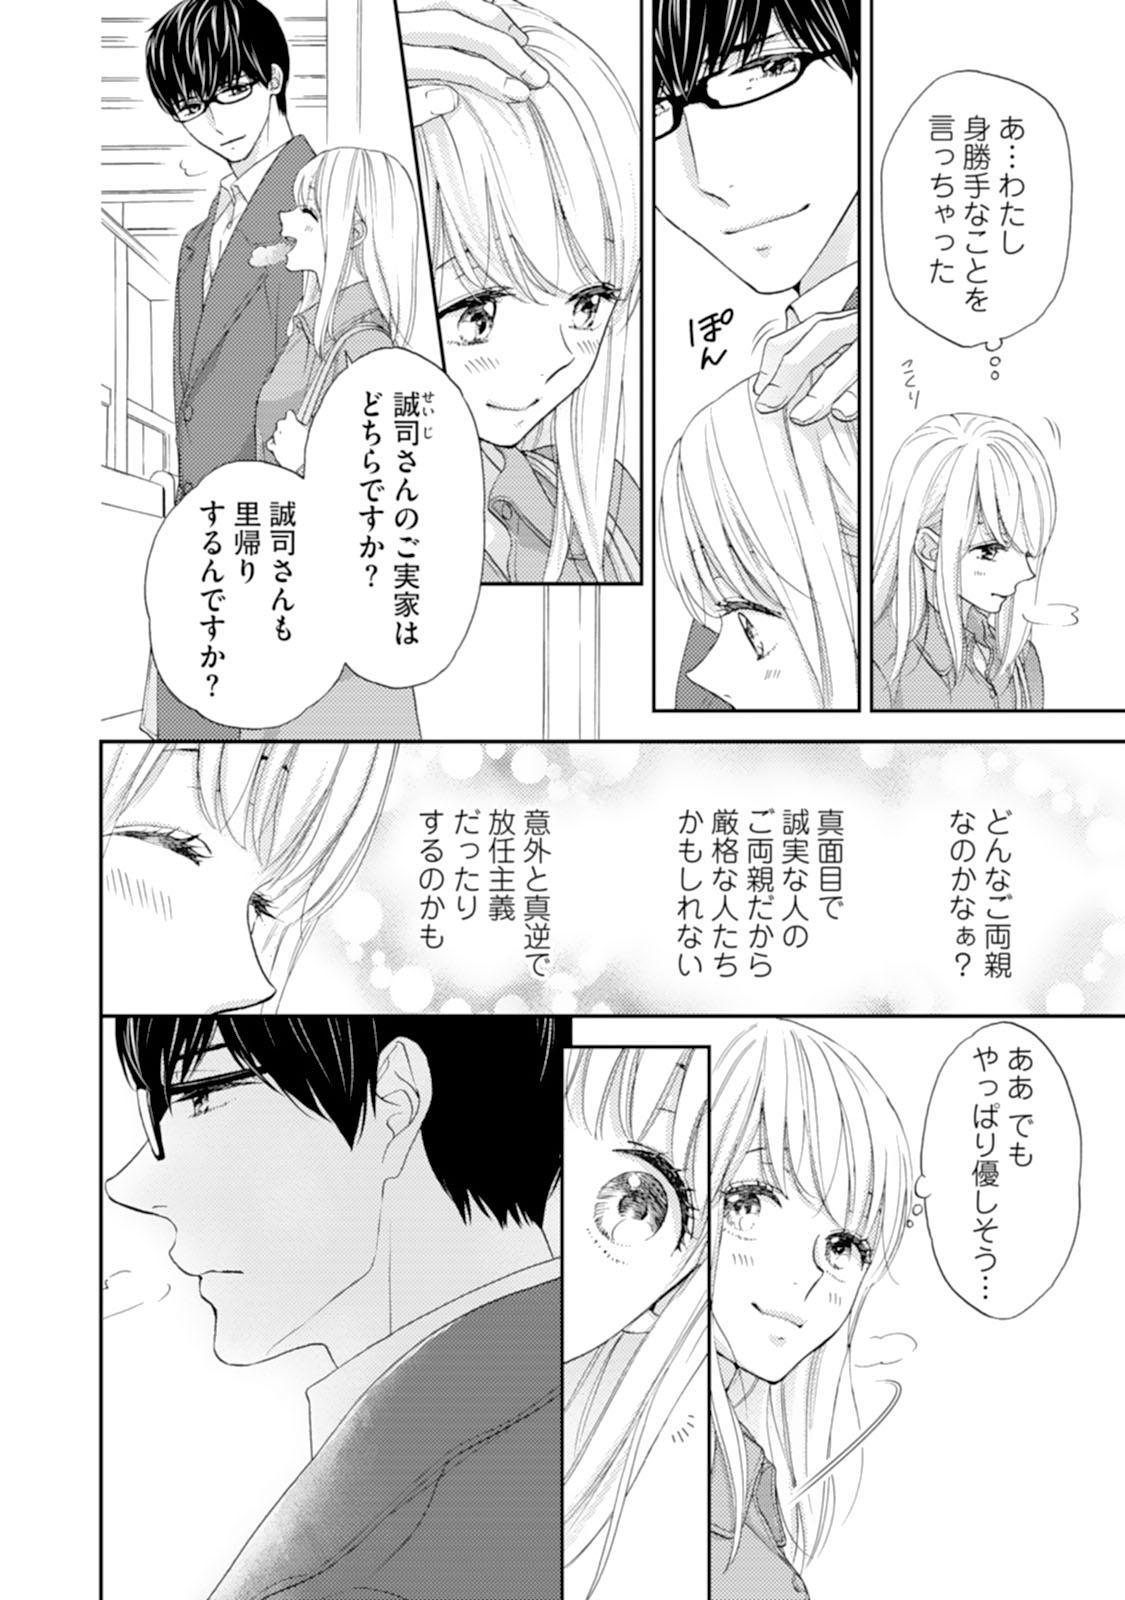 [Adumi Yuu] Choukyou-kei Danshi Ookami-sama to Koneko-chan Ch. 1-3 57